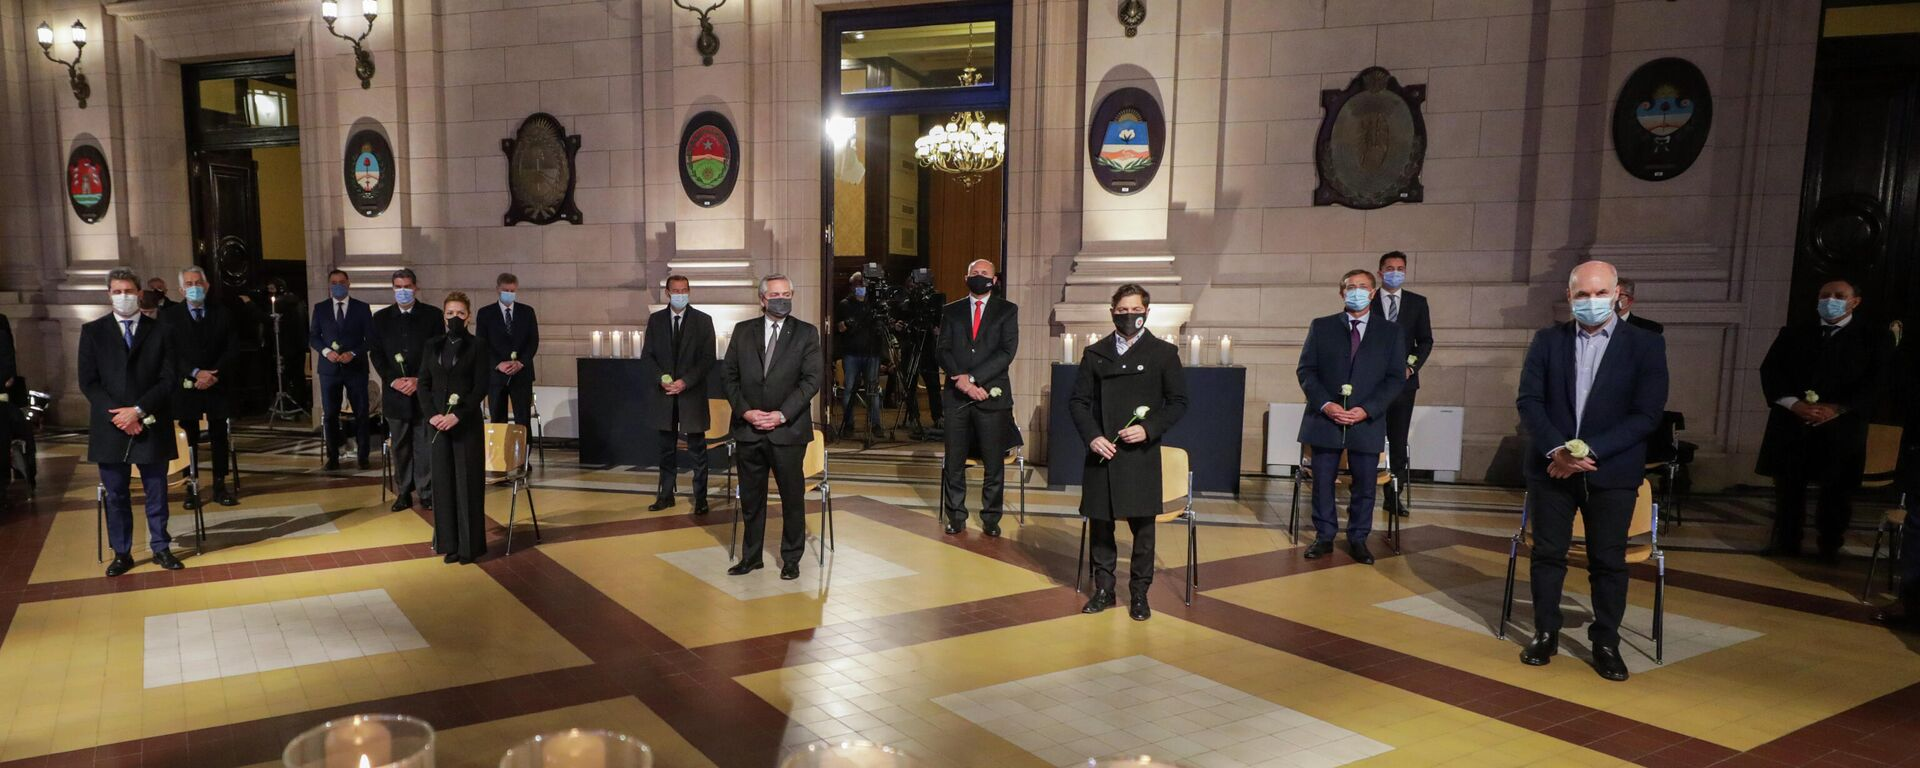 El presidente de Argentina, Alberto Fernández, junto a otras autoridades en un homenaje a los fallecidos por coronavirus - Sputnik Mundo, 1920, 27.06.2021